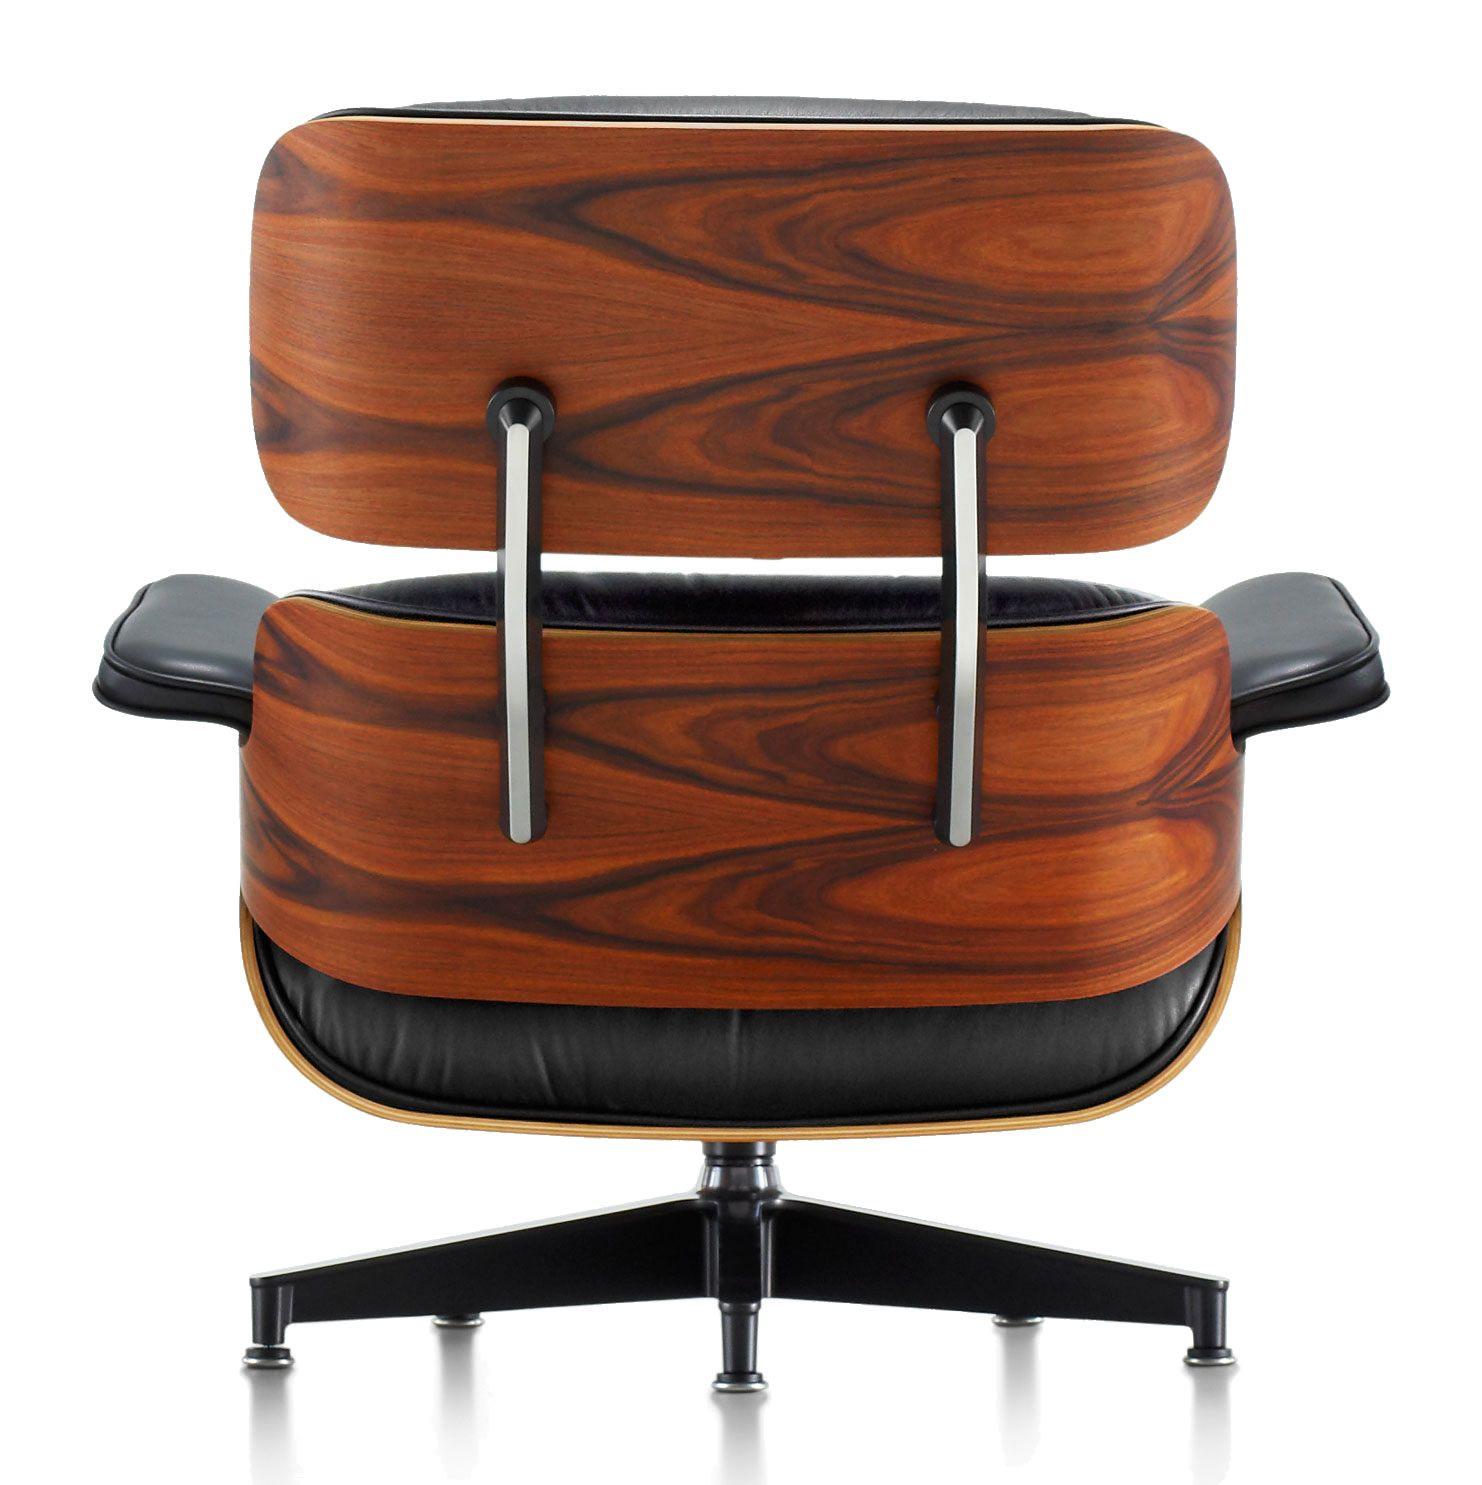 Eames Lounge Chair Sustainably Harvested Santos Palisander Veneer